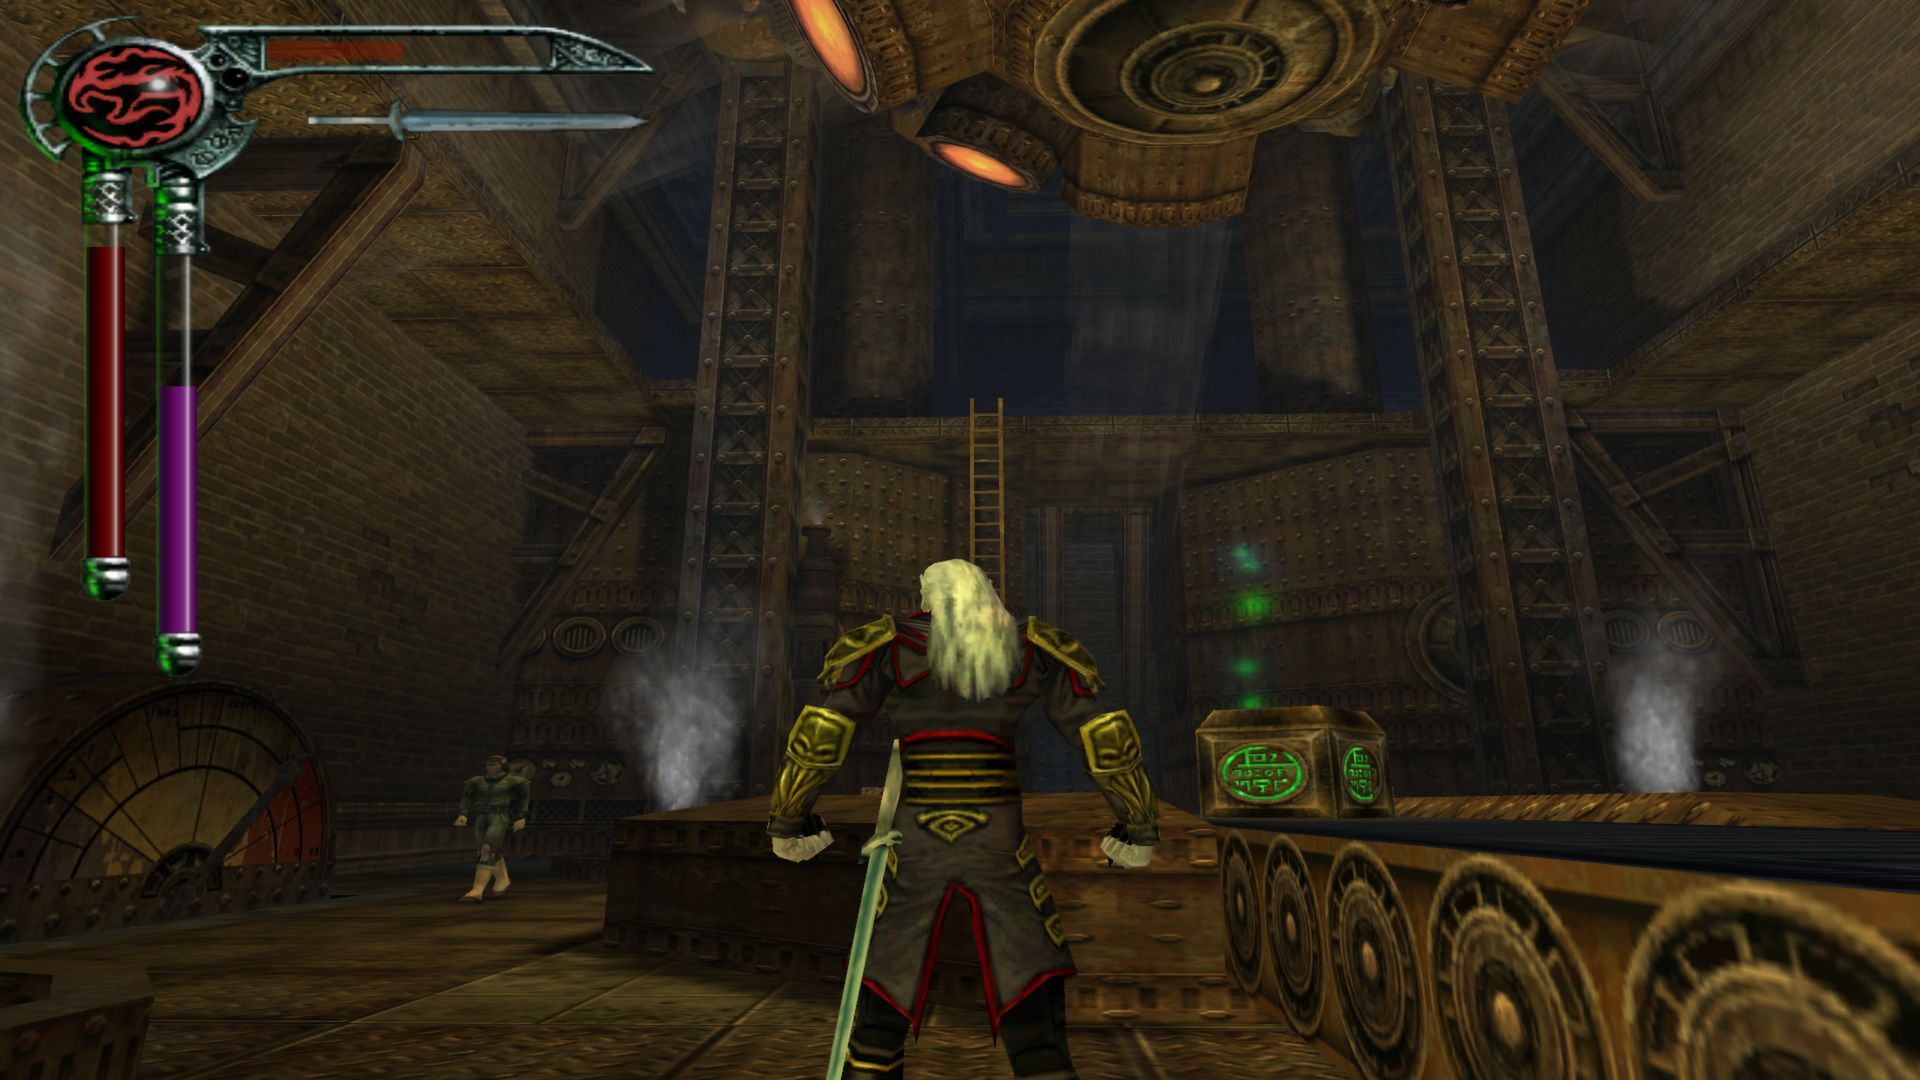 Legacy of Kain: Blood Omen 2 screenshot 2